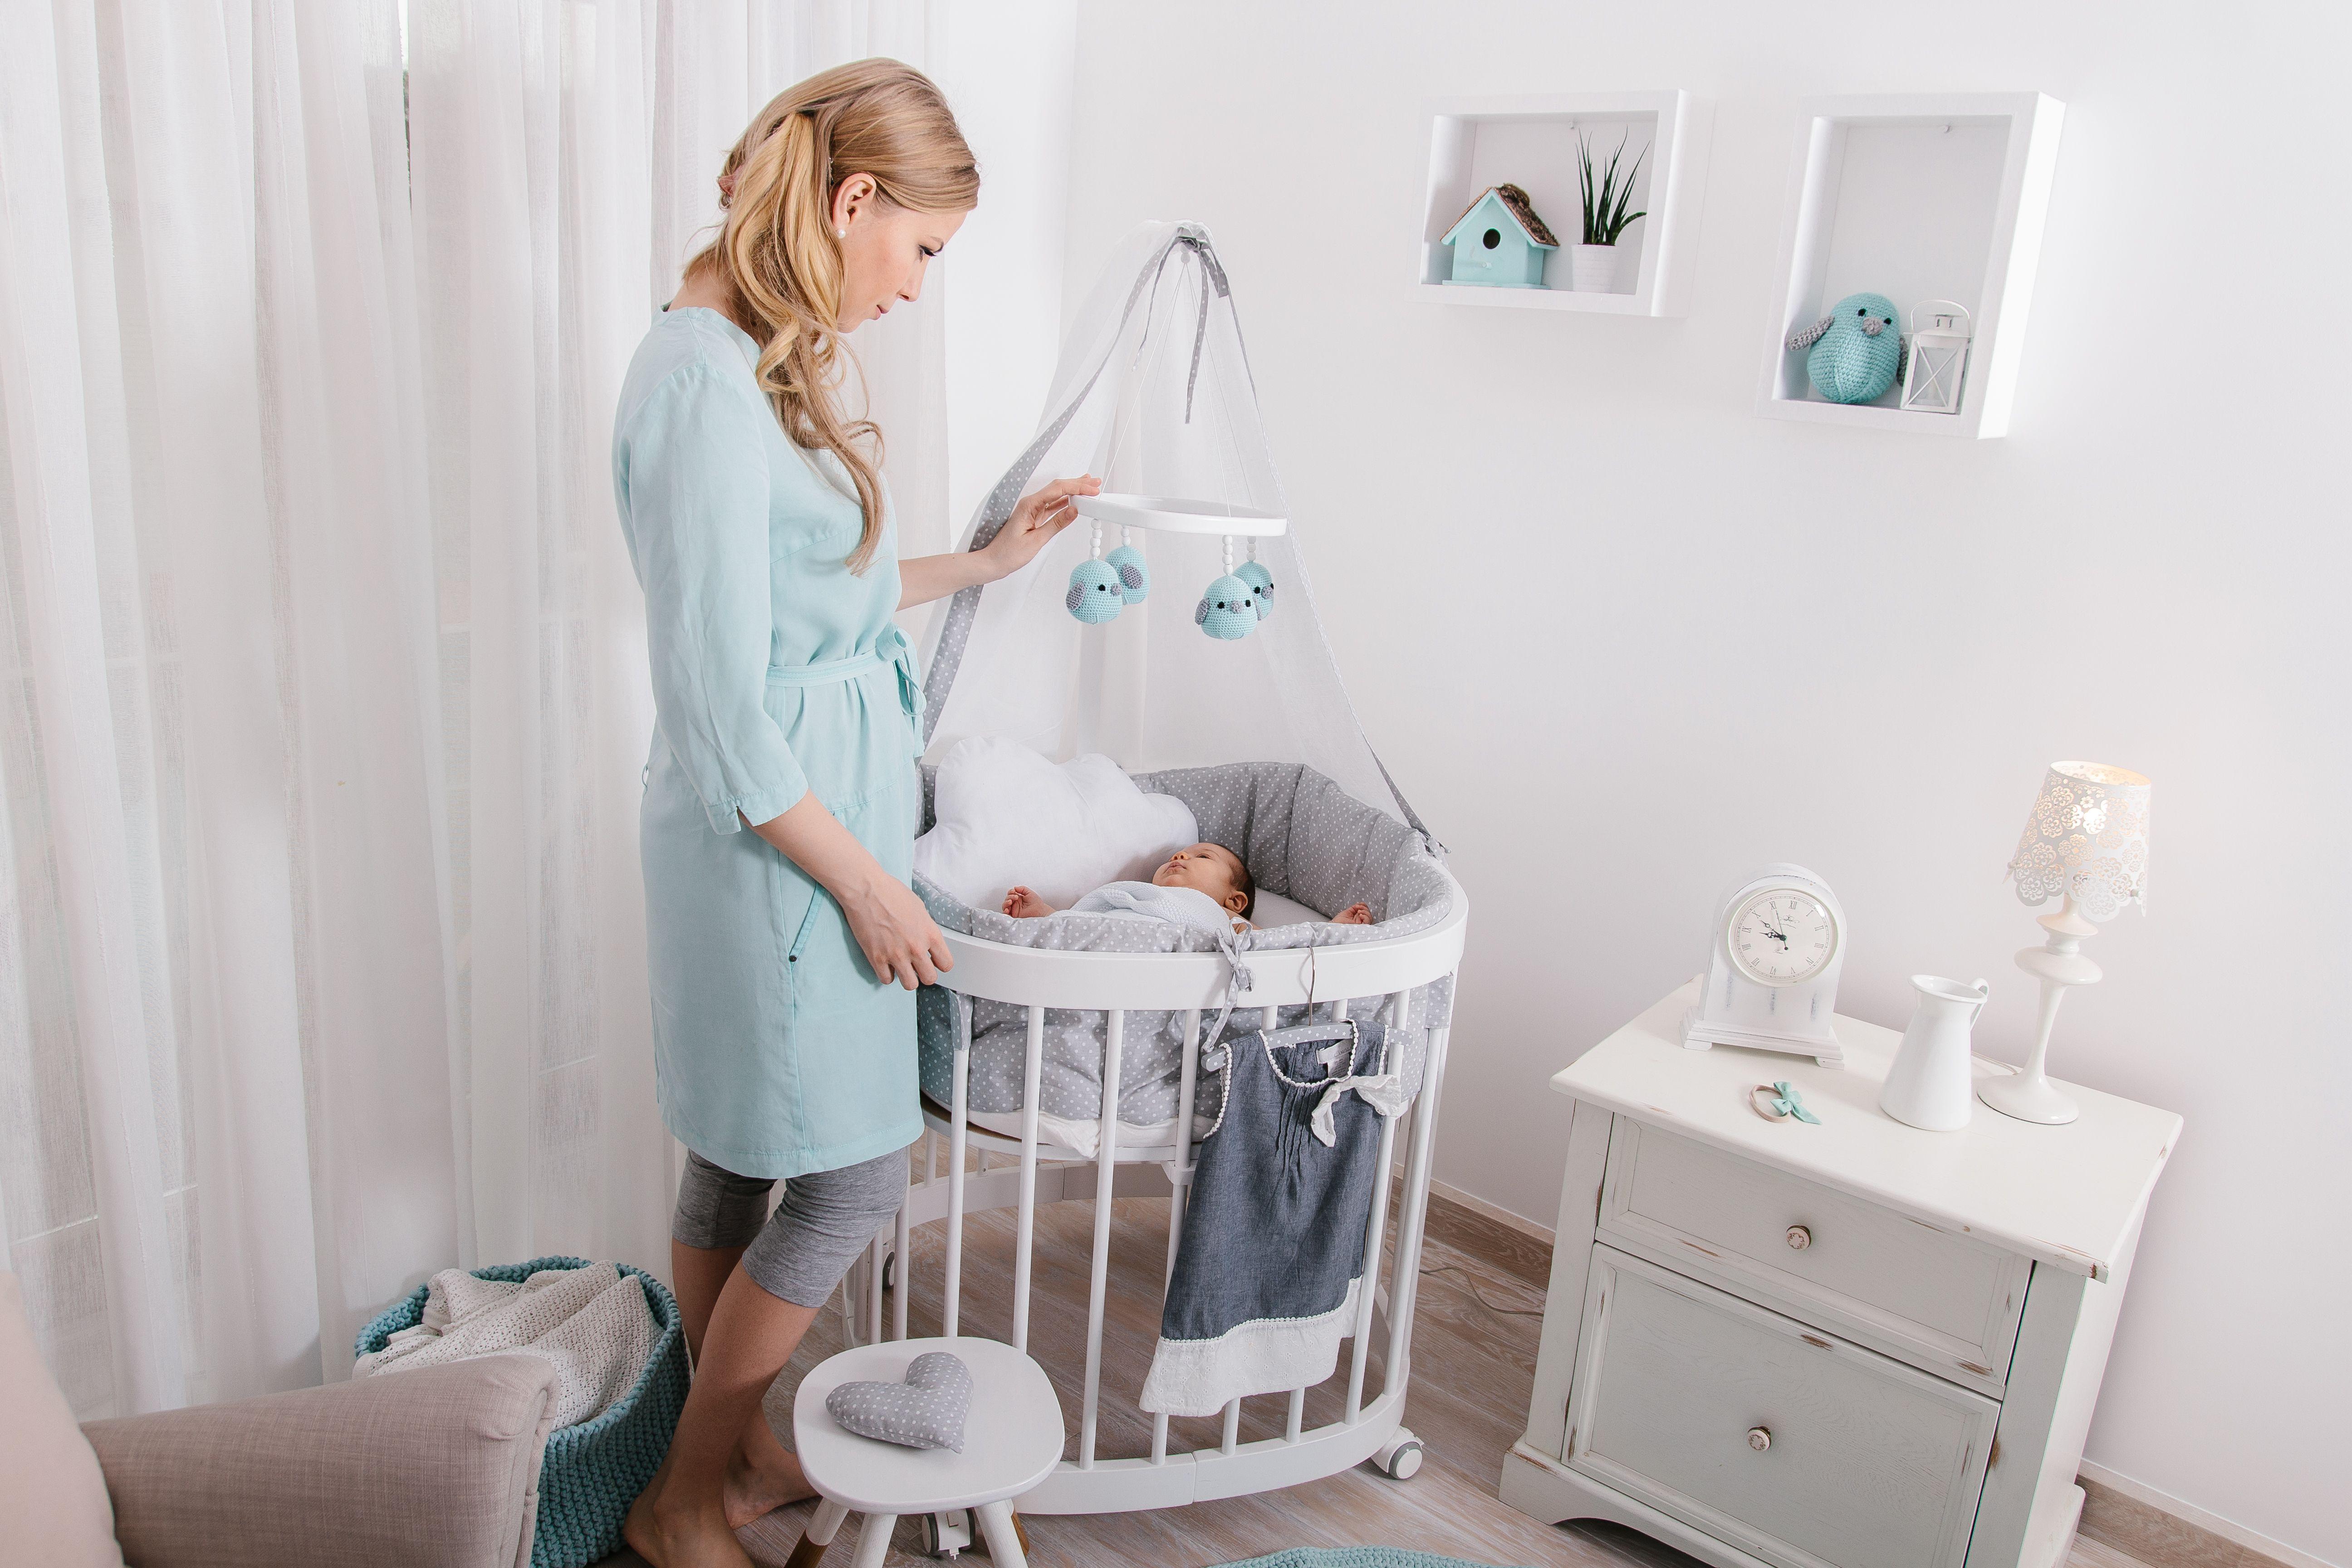 Im Ersten Lebensjahr Schlaft Ein Baby Rund 15 20 H Pro Tag Die Frischgebackenen Eltern Naturlich Weniger Baby Ausstattung Laufgitter Beistellbett